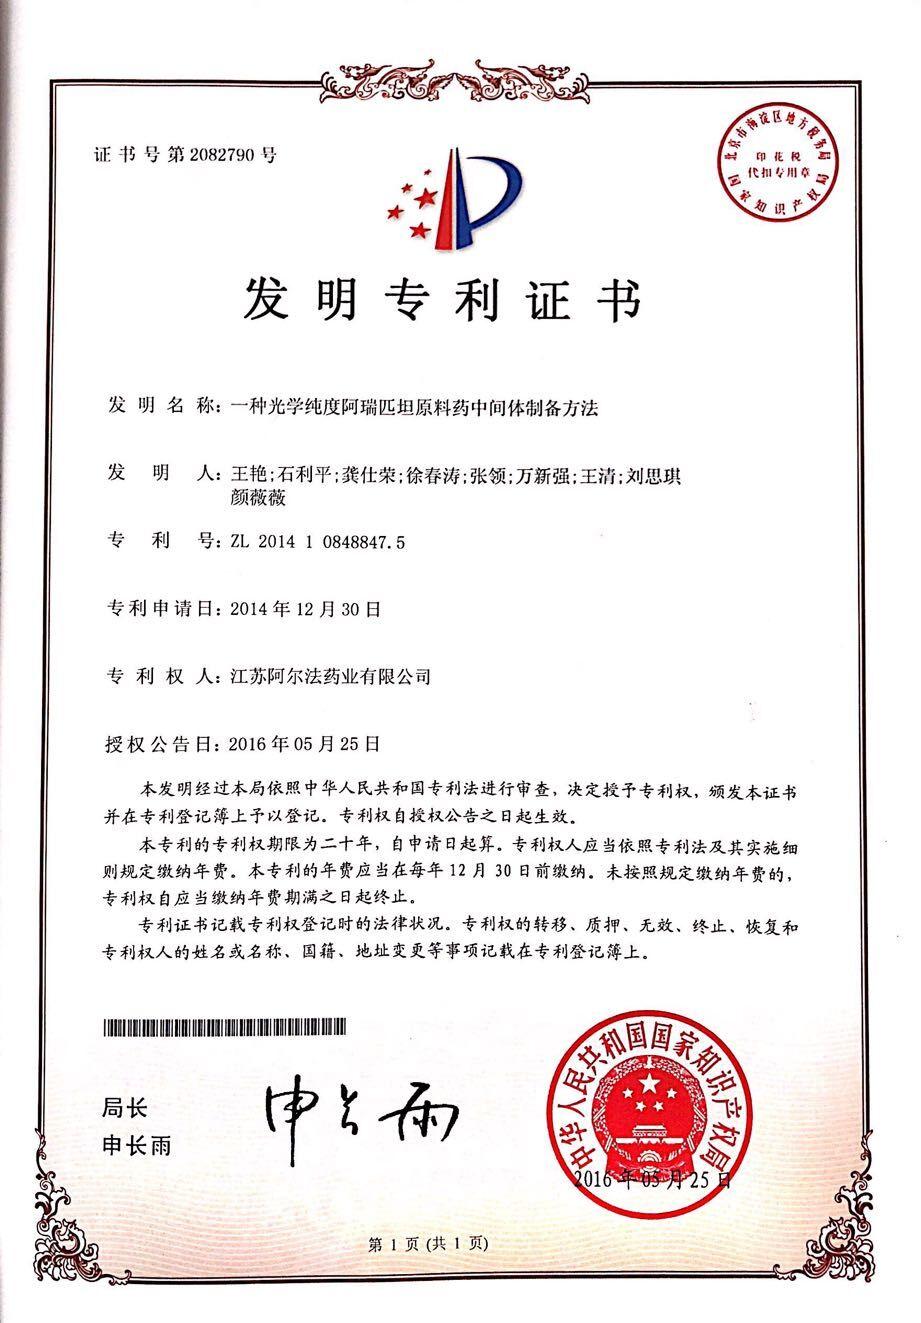 荣誉-专利-15.一种光学纯度阿瑞匹坦原料药中间体制备方法